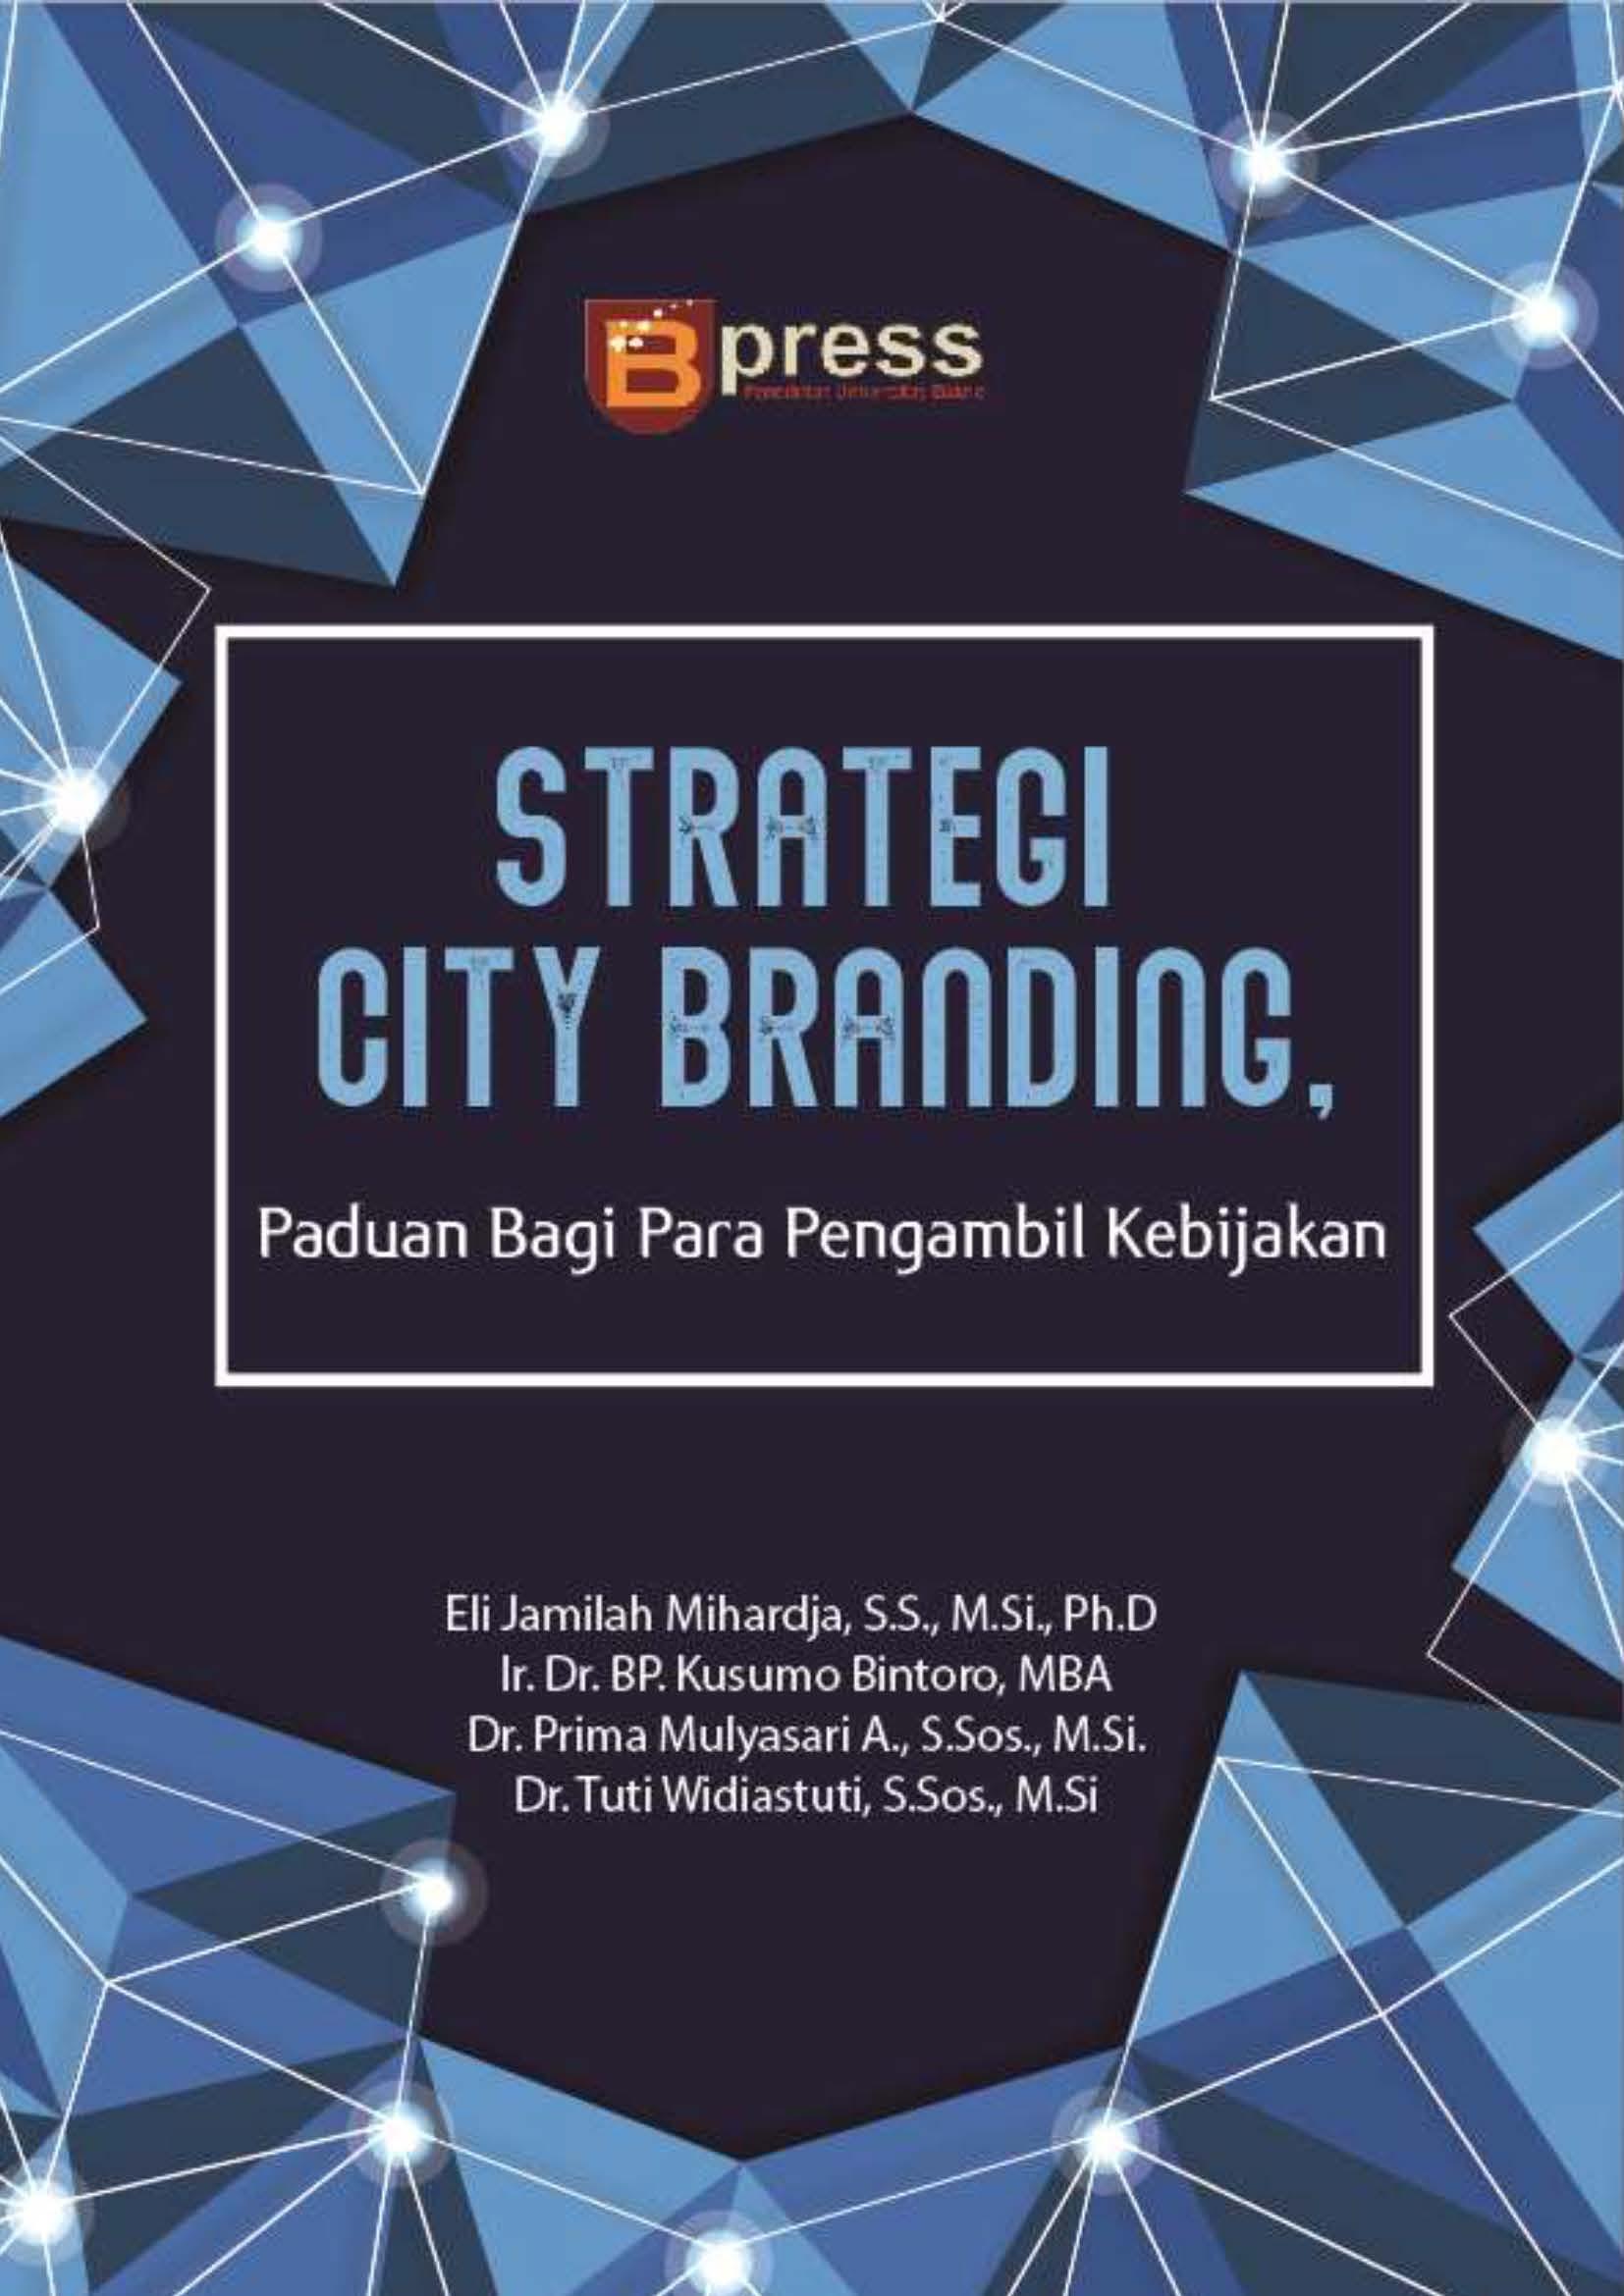 Strategi city branding : panduan bagi para pengambil kebijakan [sumber elektronis]